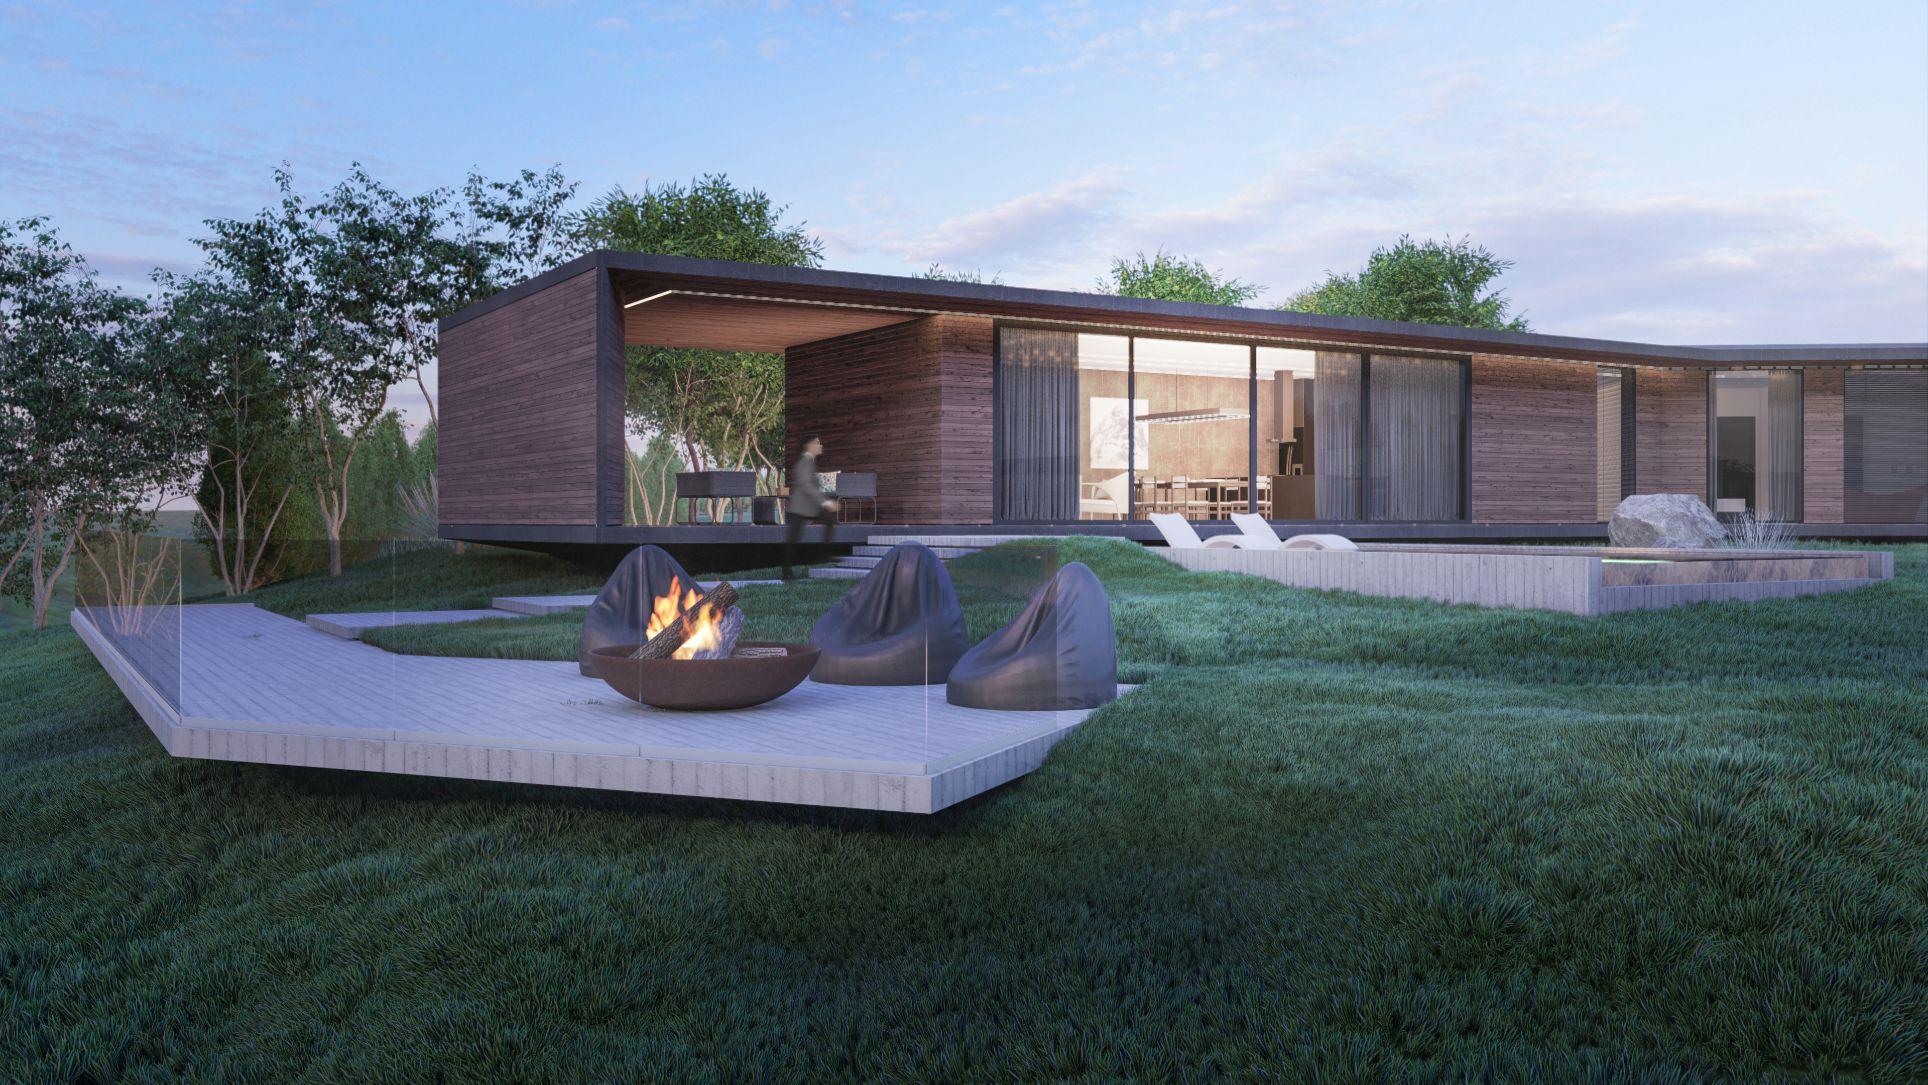 Proiect arhitectural și design pentru o casă modernă intr-o zonă pitrească rurală